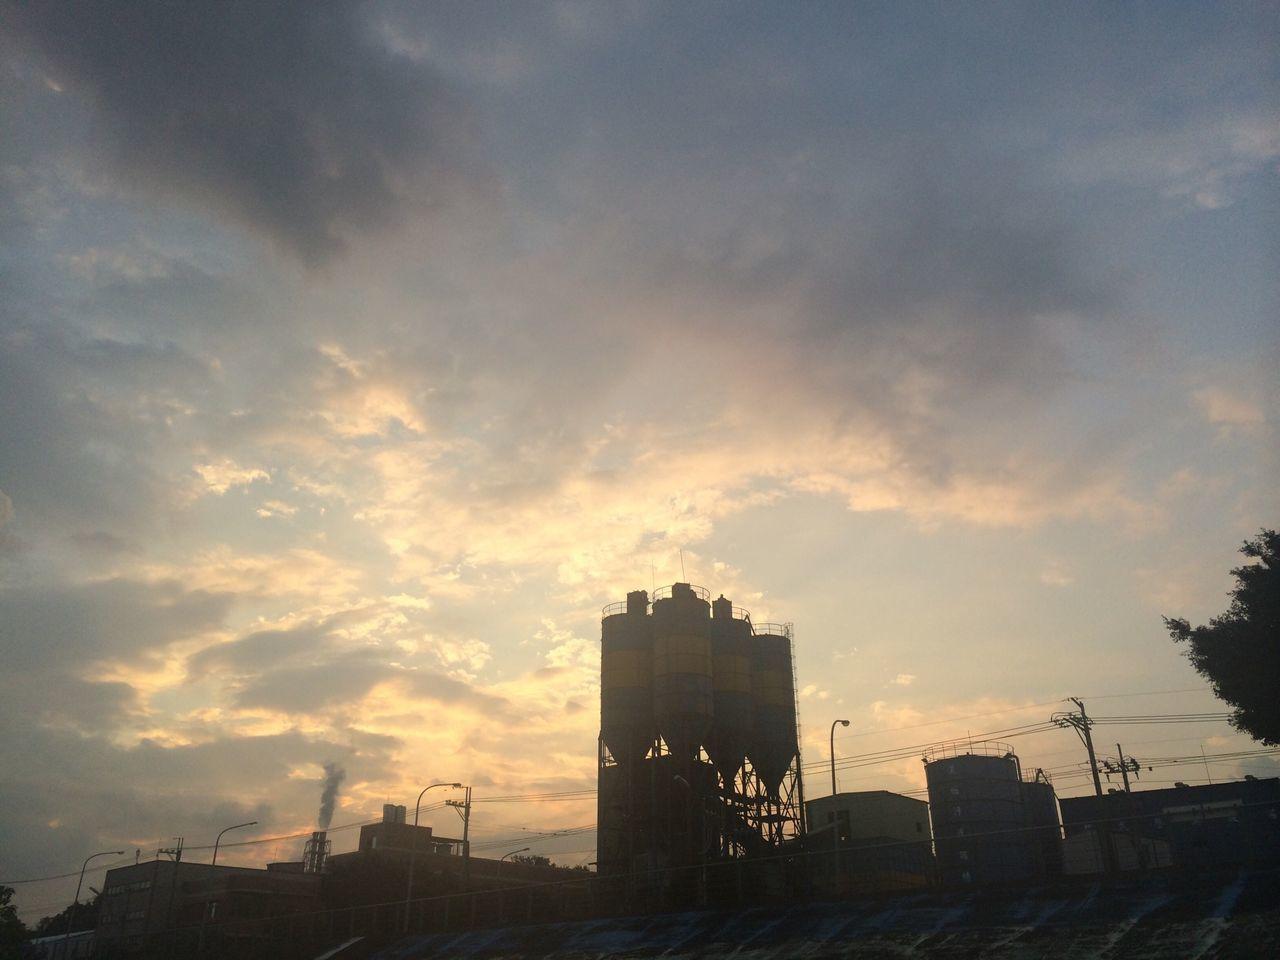 樹林 Shulin Sunset Sunset Silhouettes